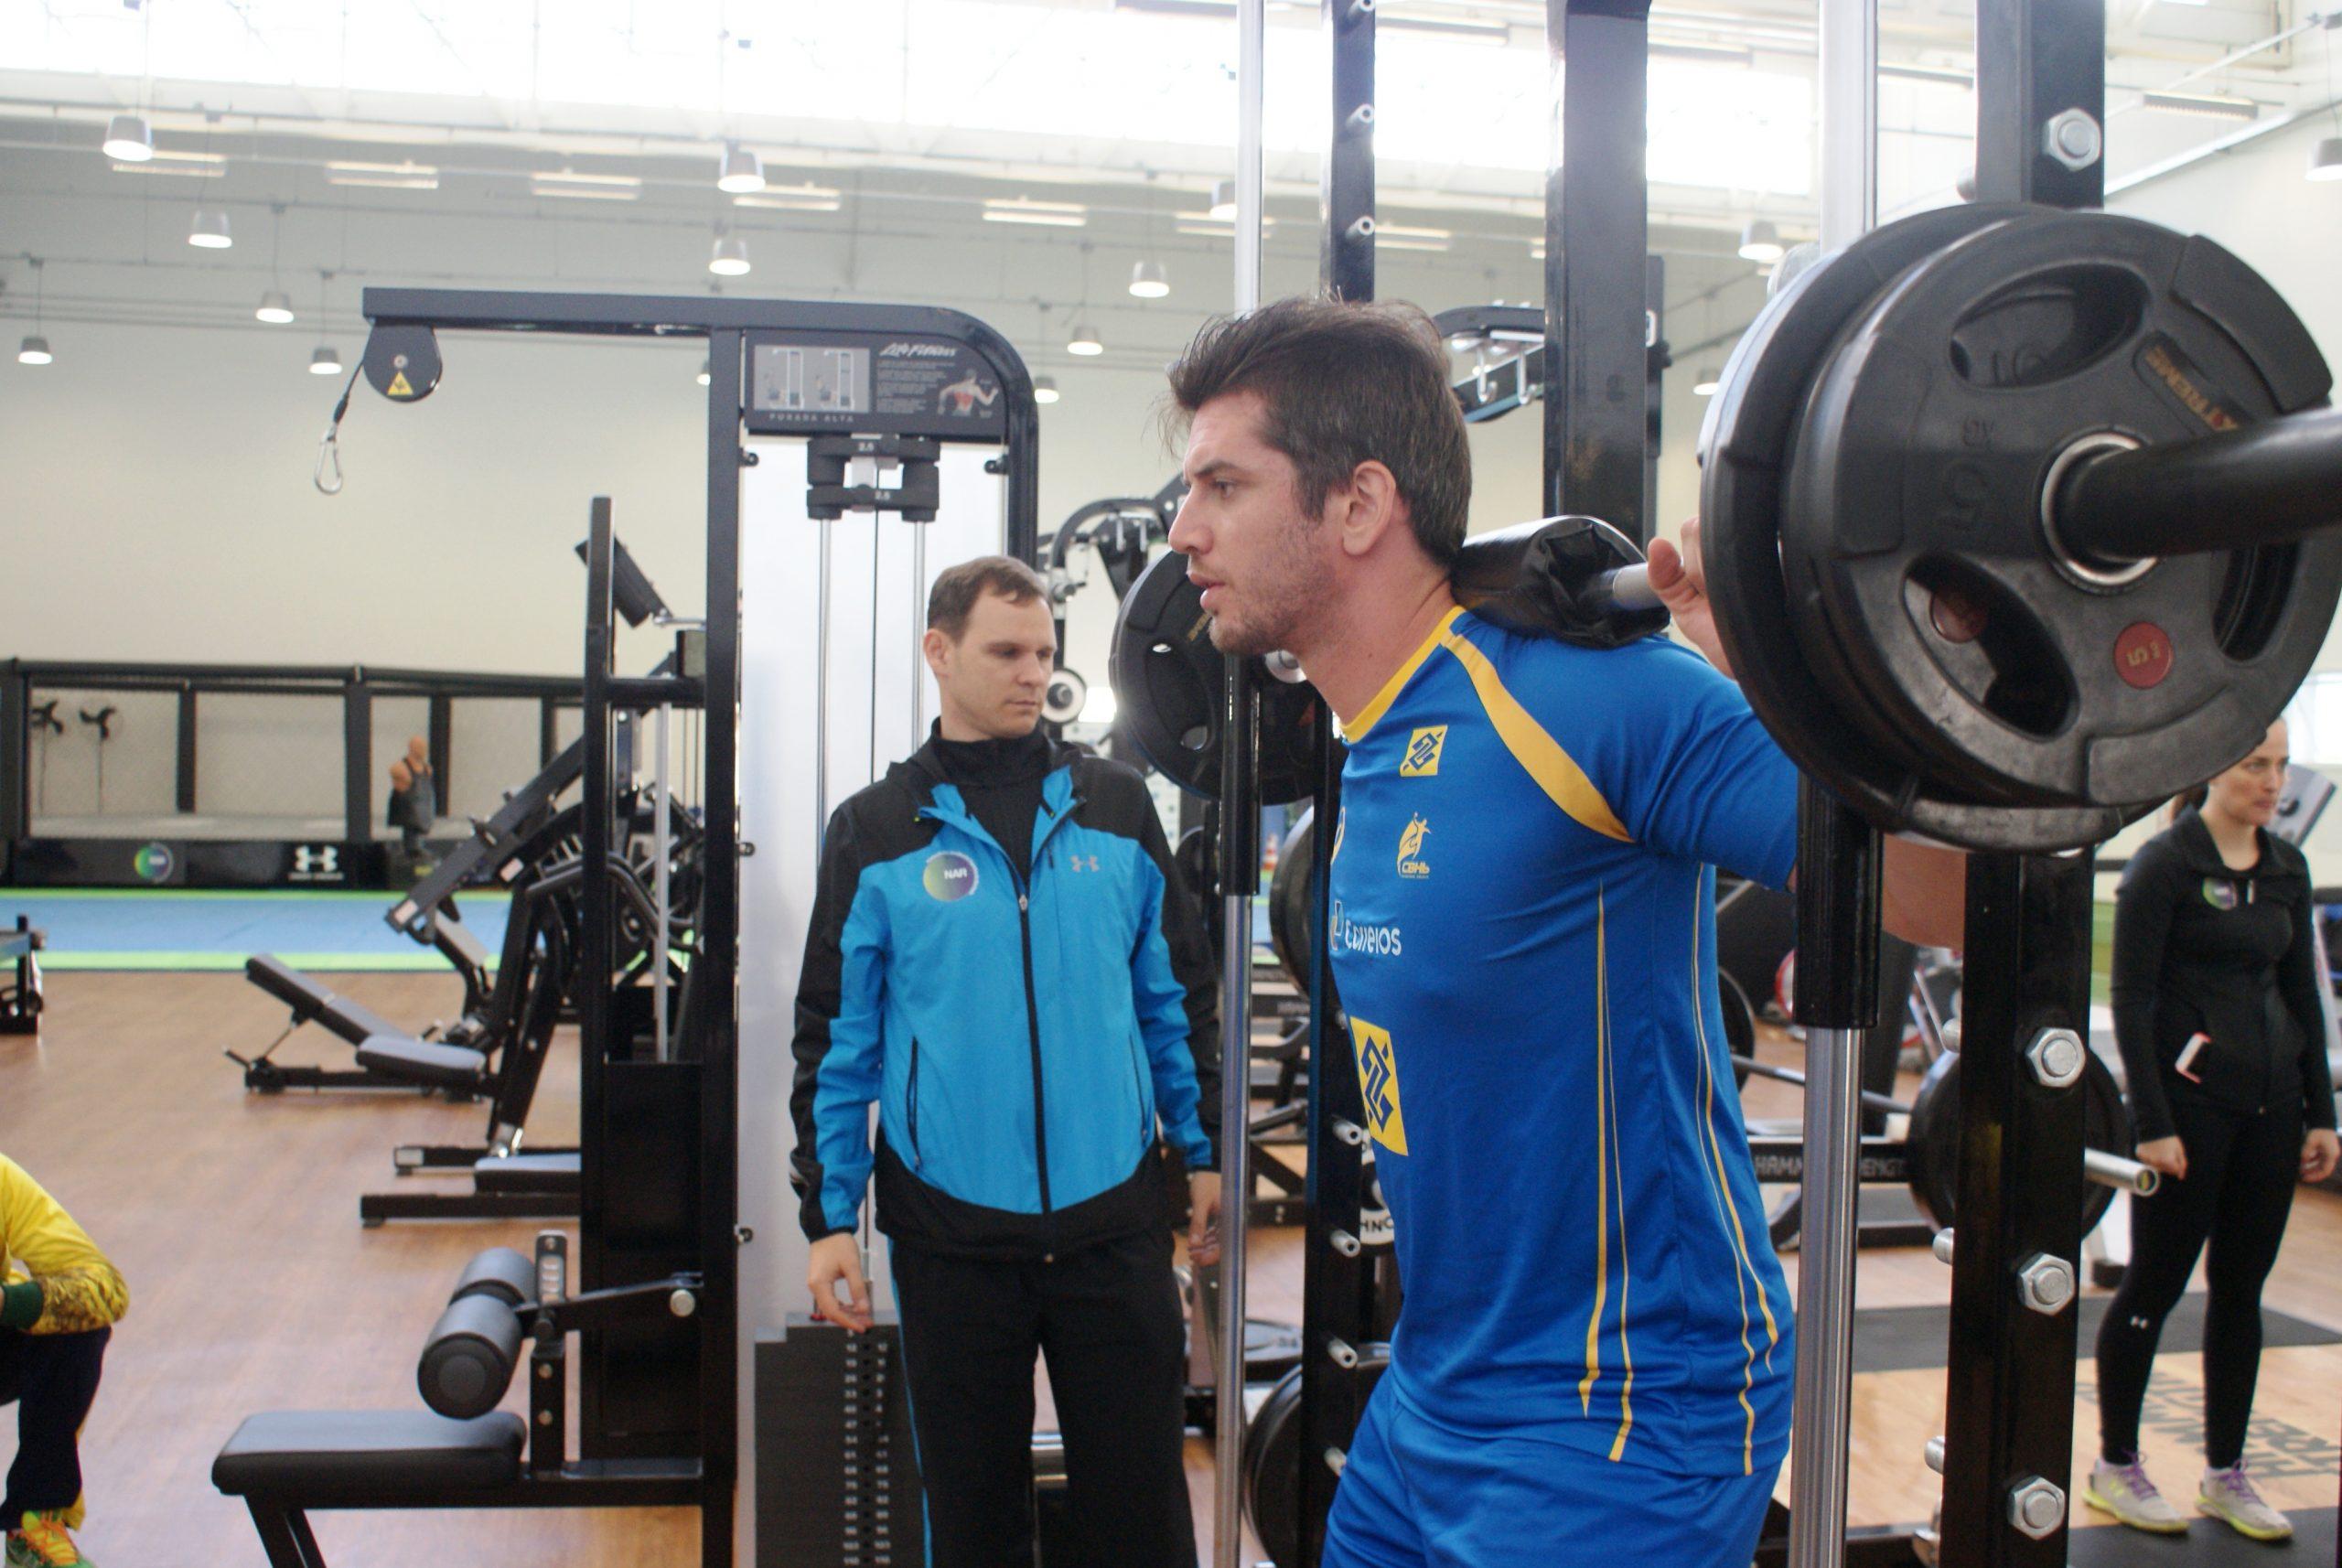 Seleção Masculina fará avaliação física antes de treinos para o Pan